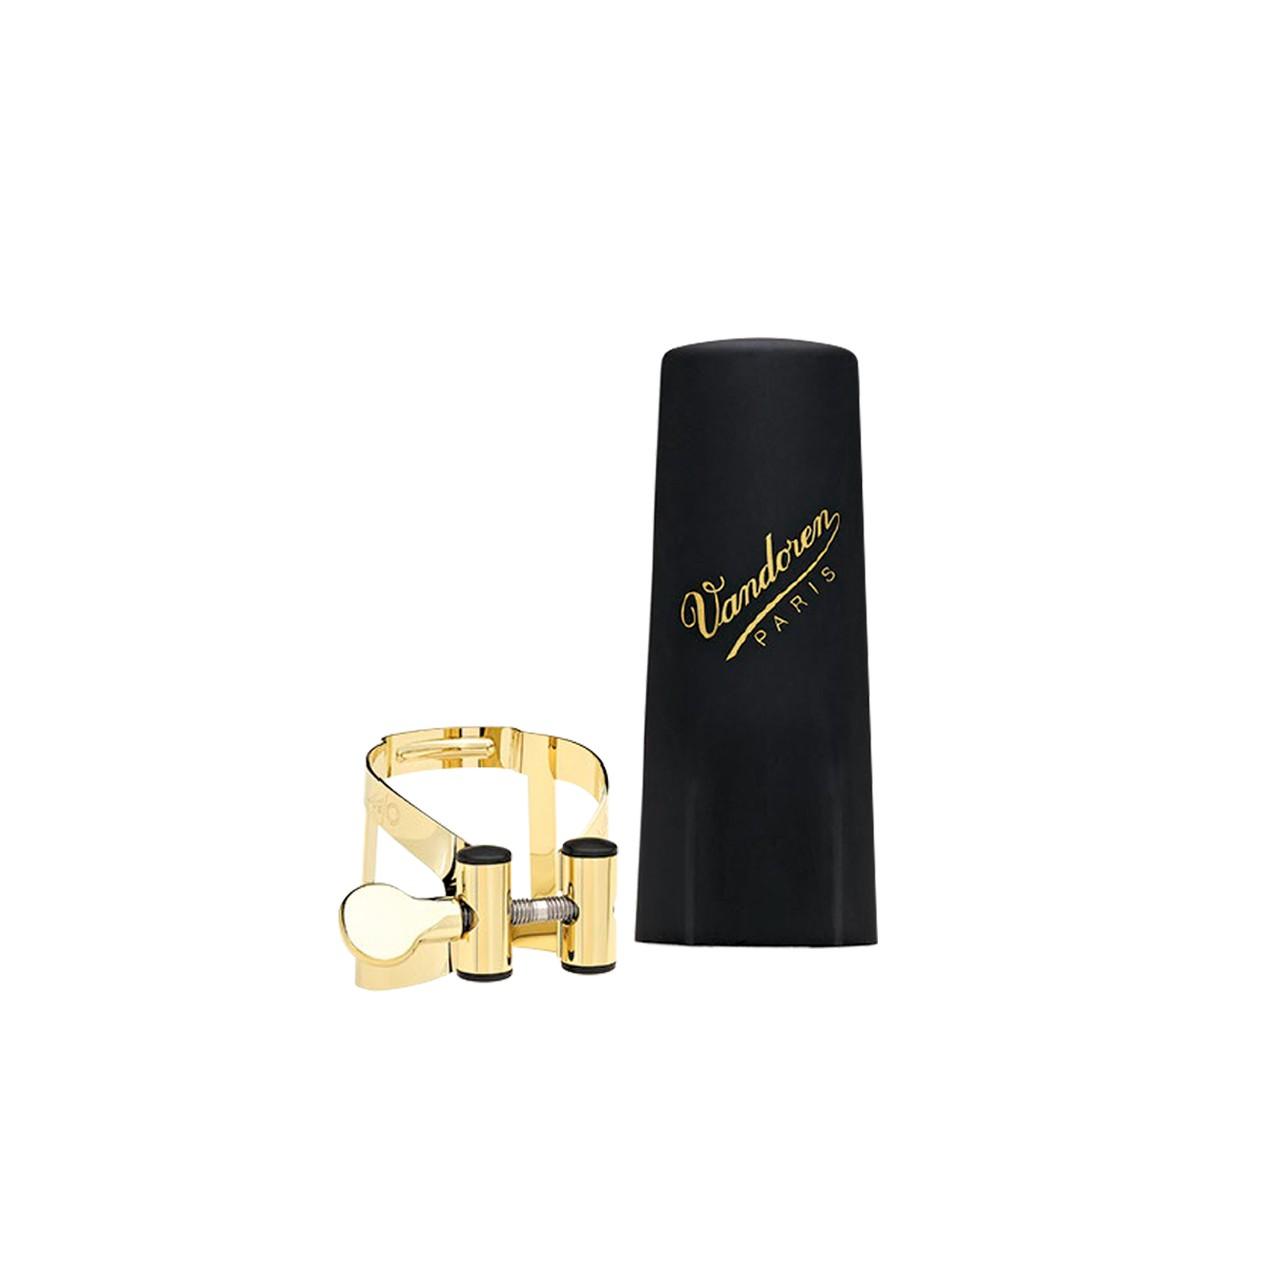 Bracadeira M/o P/sax Tenor Dourada C/cobre Boquilha Deplastico Lc58gp Vandoren